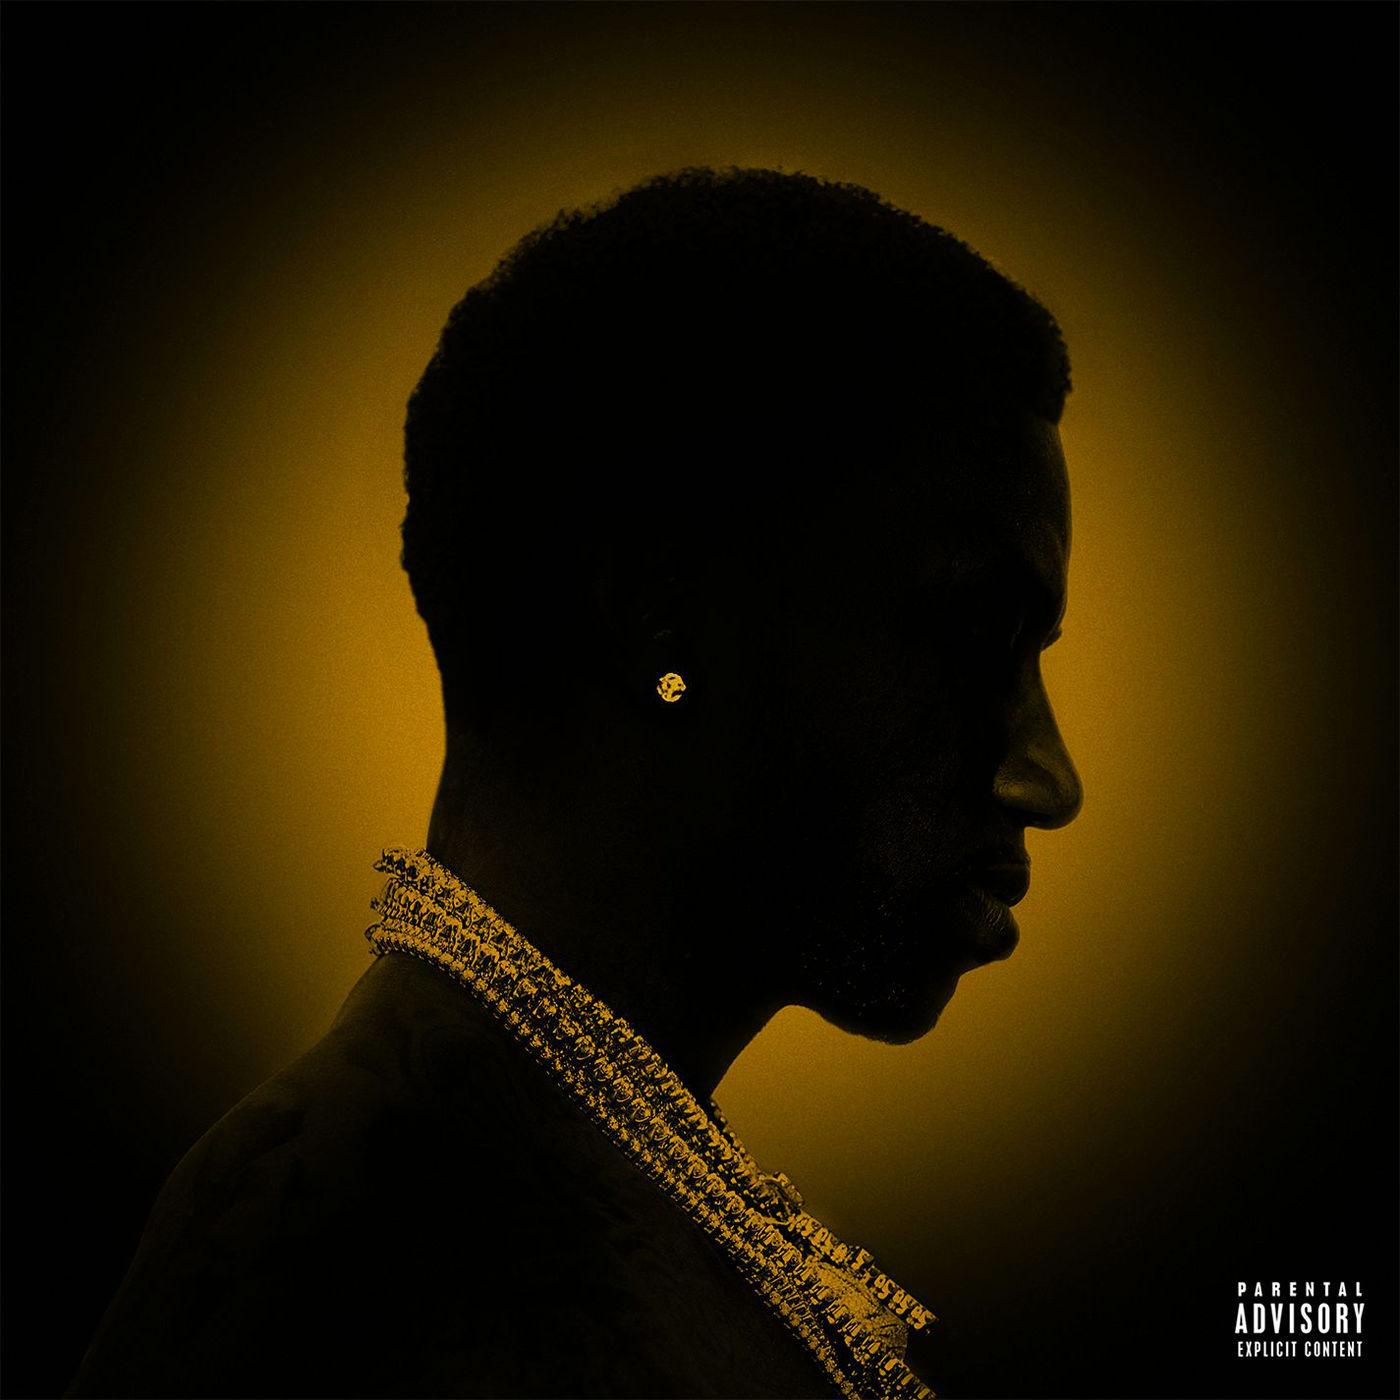 gucci mane mr davis cover Gucci Mane announces new album, shares Migos collaboration I Get the Bag: Stream